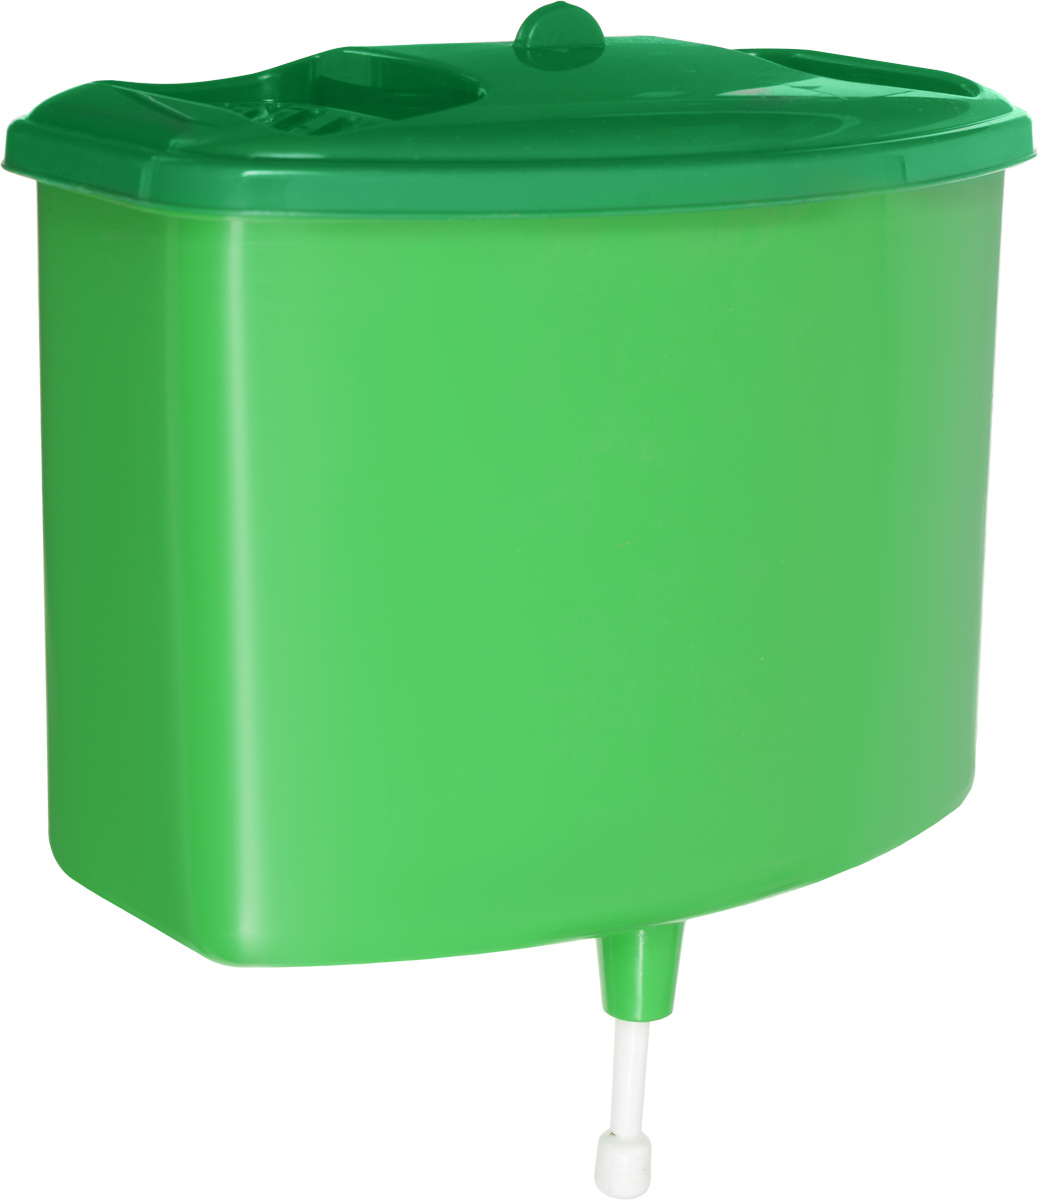 Рукомойник Альтернатива, цвет: зеленый, 5 л simas рукомойник simas arcade ar036